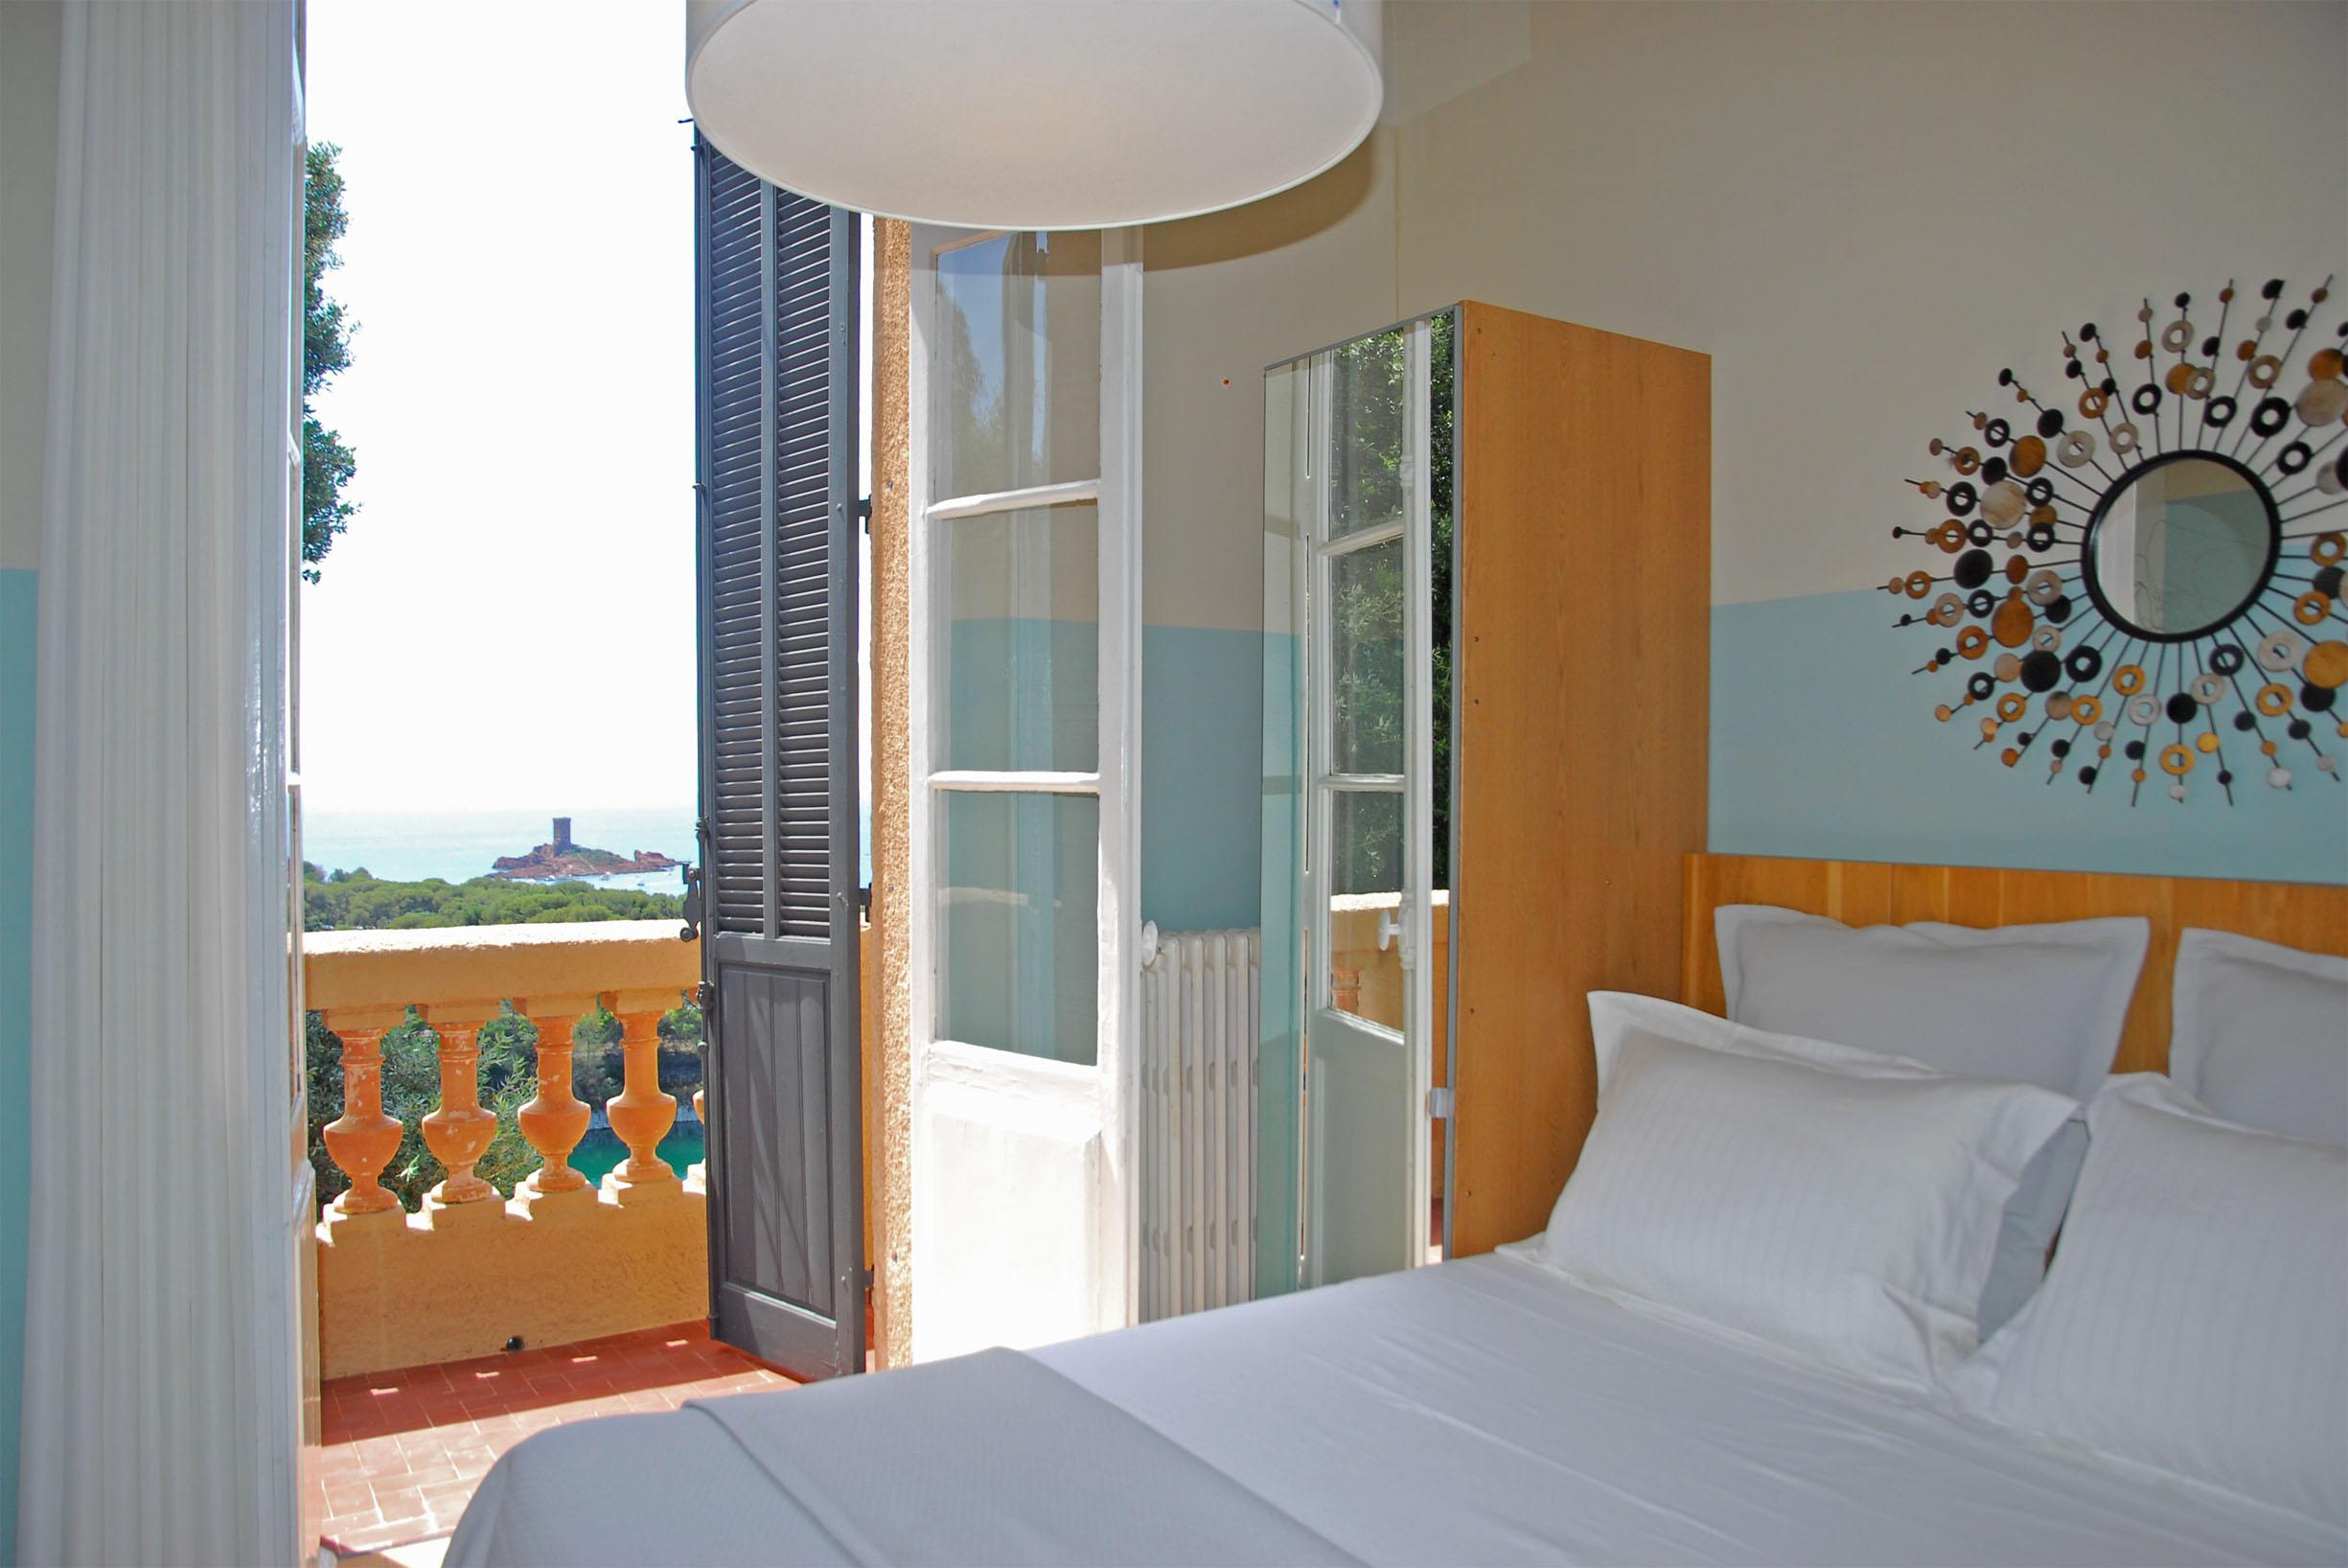 Chambre double avec balcon vue mer